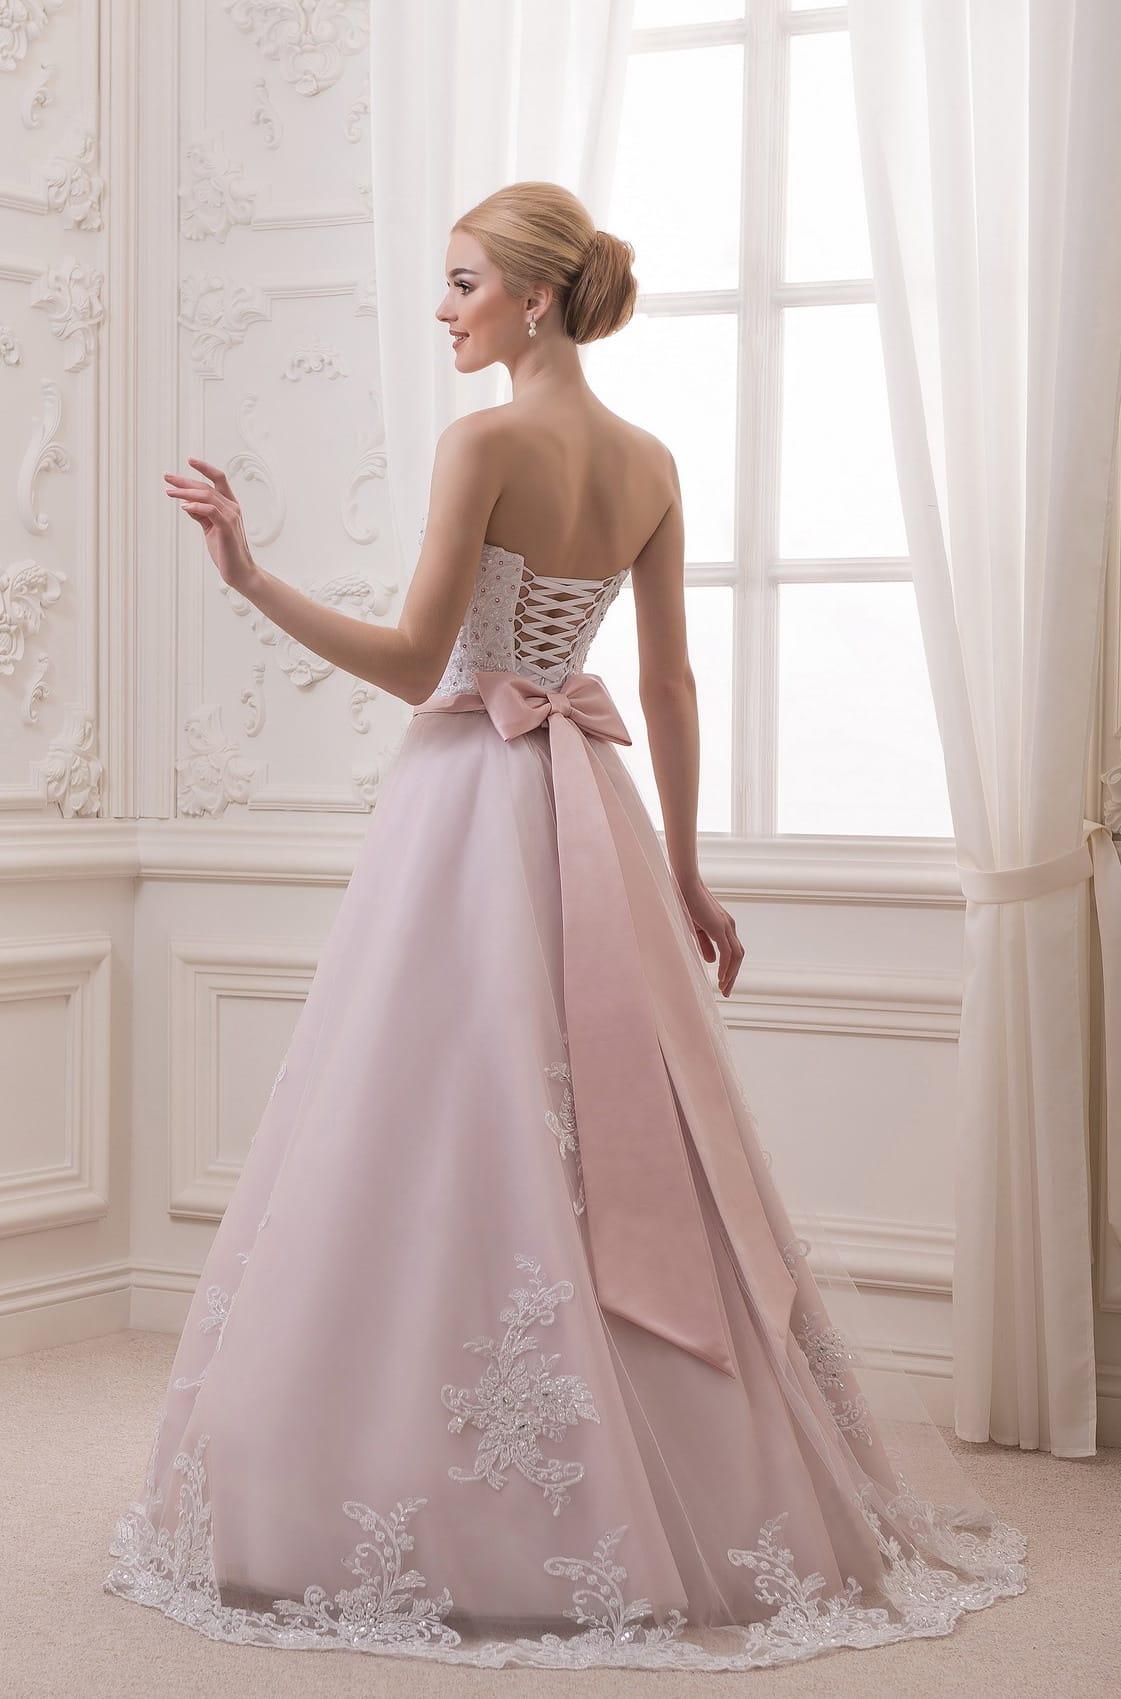 Angela abito da sposa colore rosa  SposatelierSposatelier